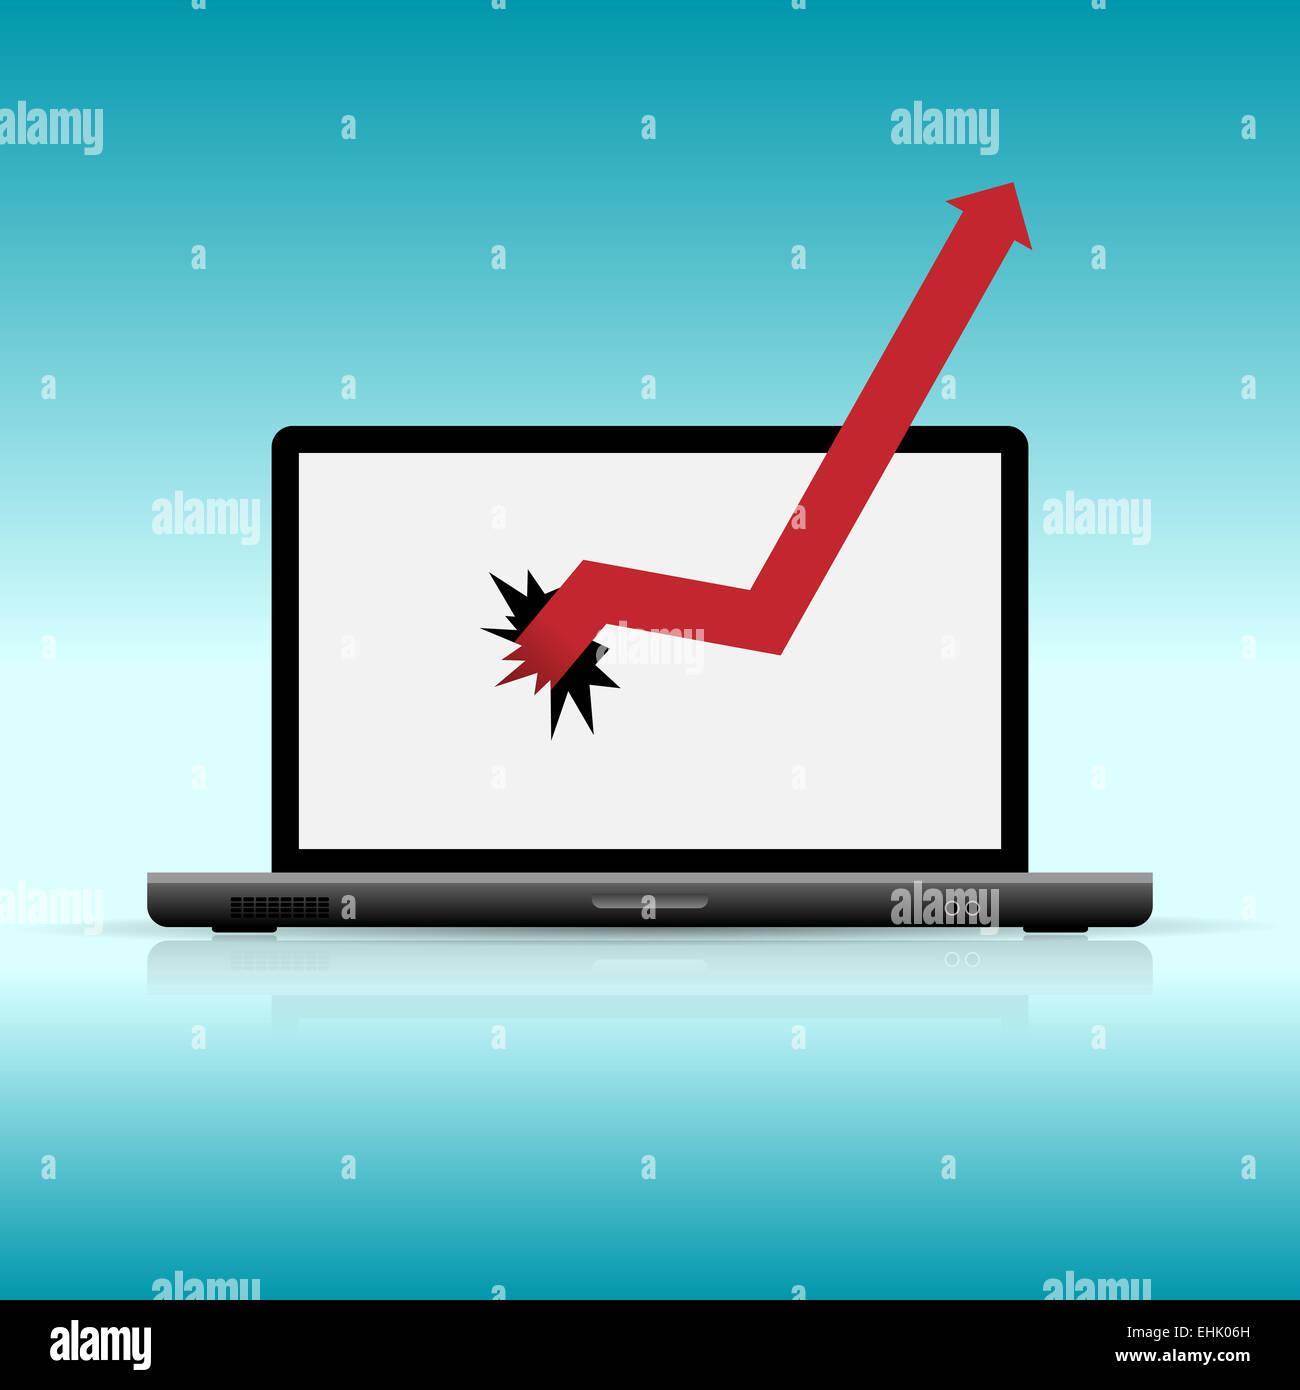 Illustrazione Vettoriale di rottura grafica portatile. Immagini Stock